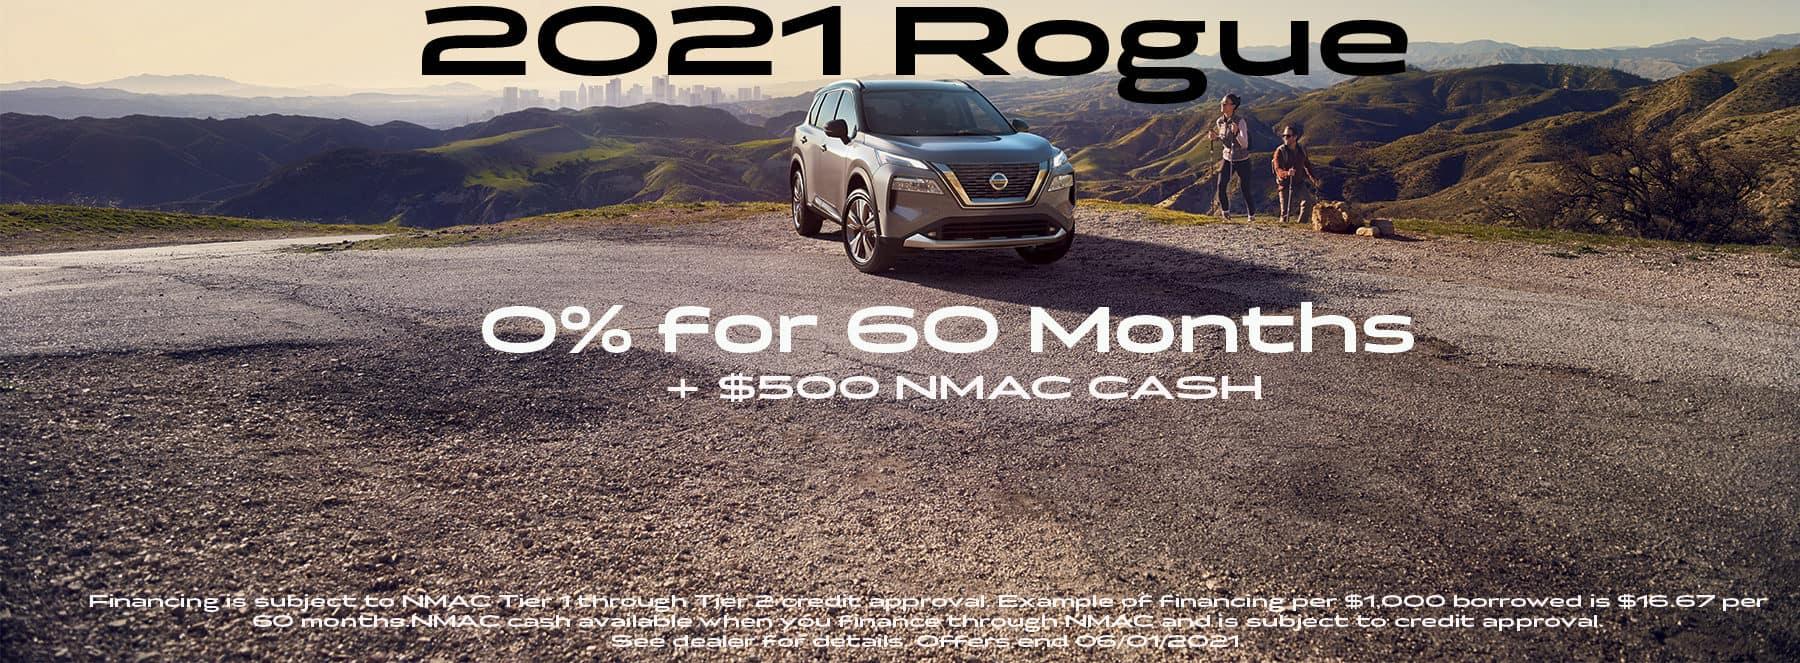 Rogue21finance